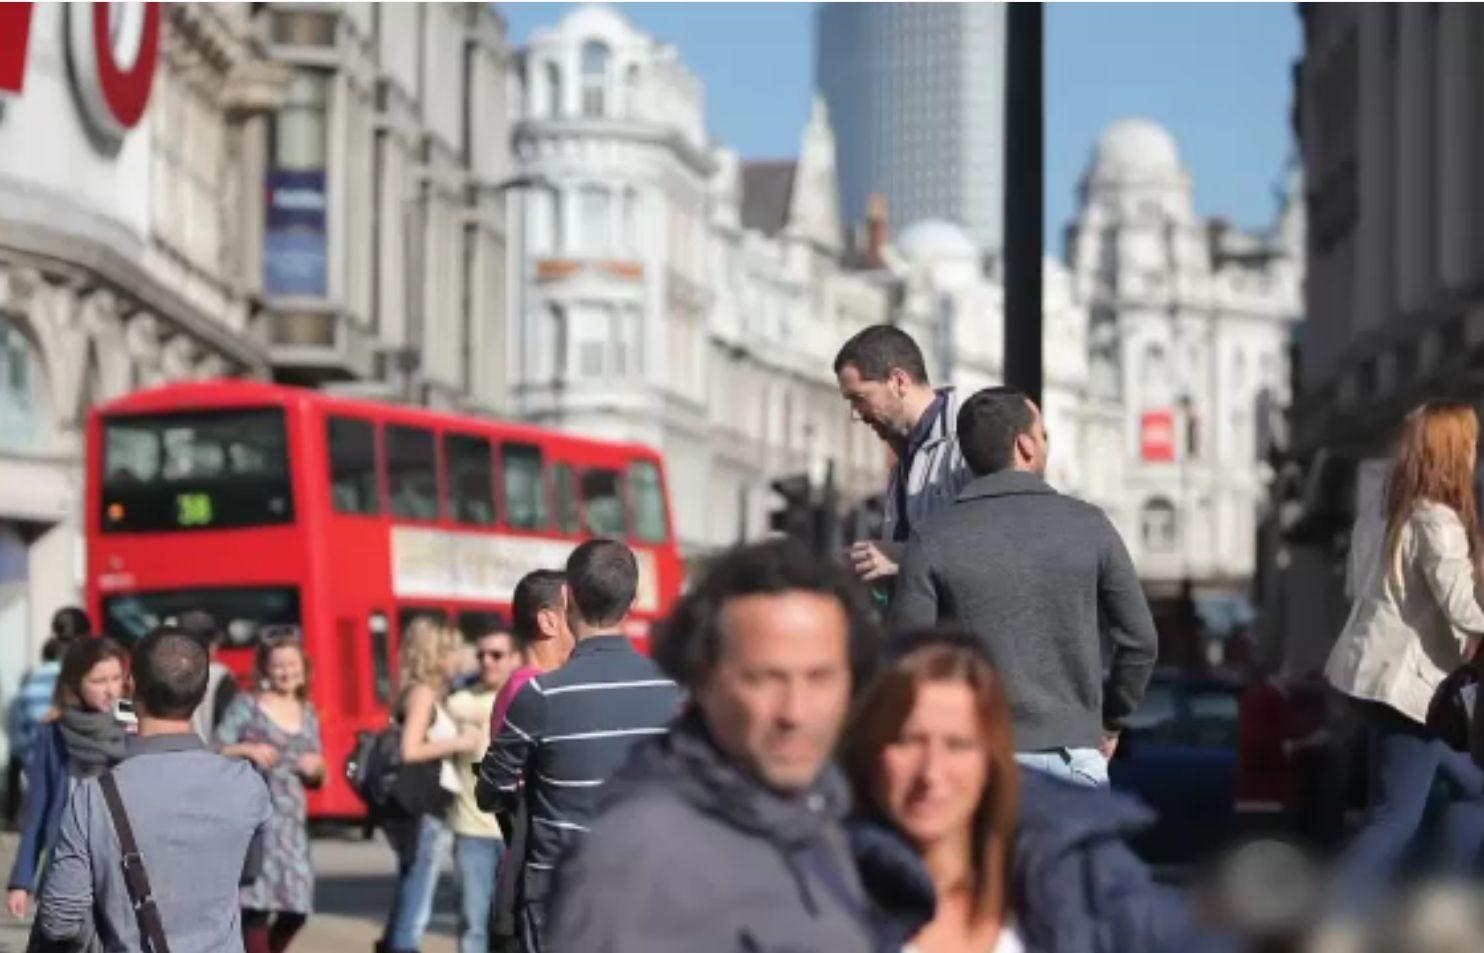 Sunt un milion de români în Anglia, recenzați oficial, cei mai numeroși după localnici. De ce numărul lor ar putea fi dublu